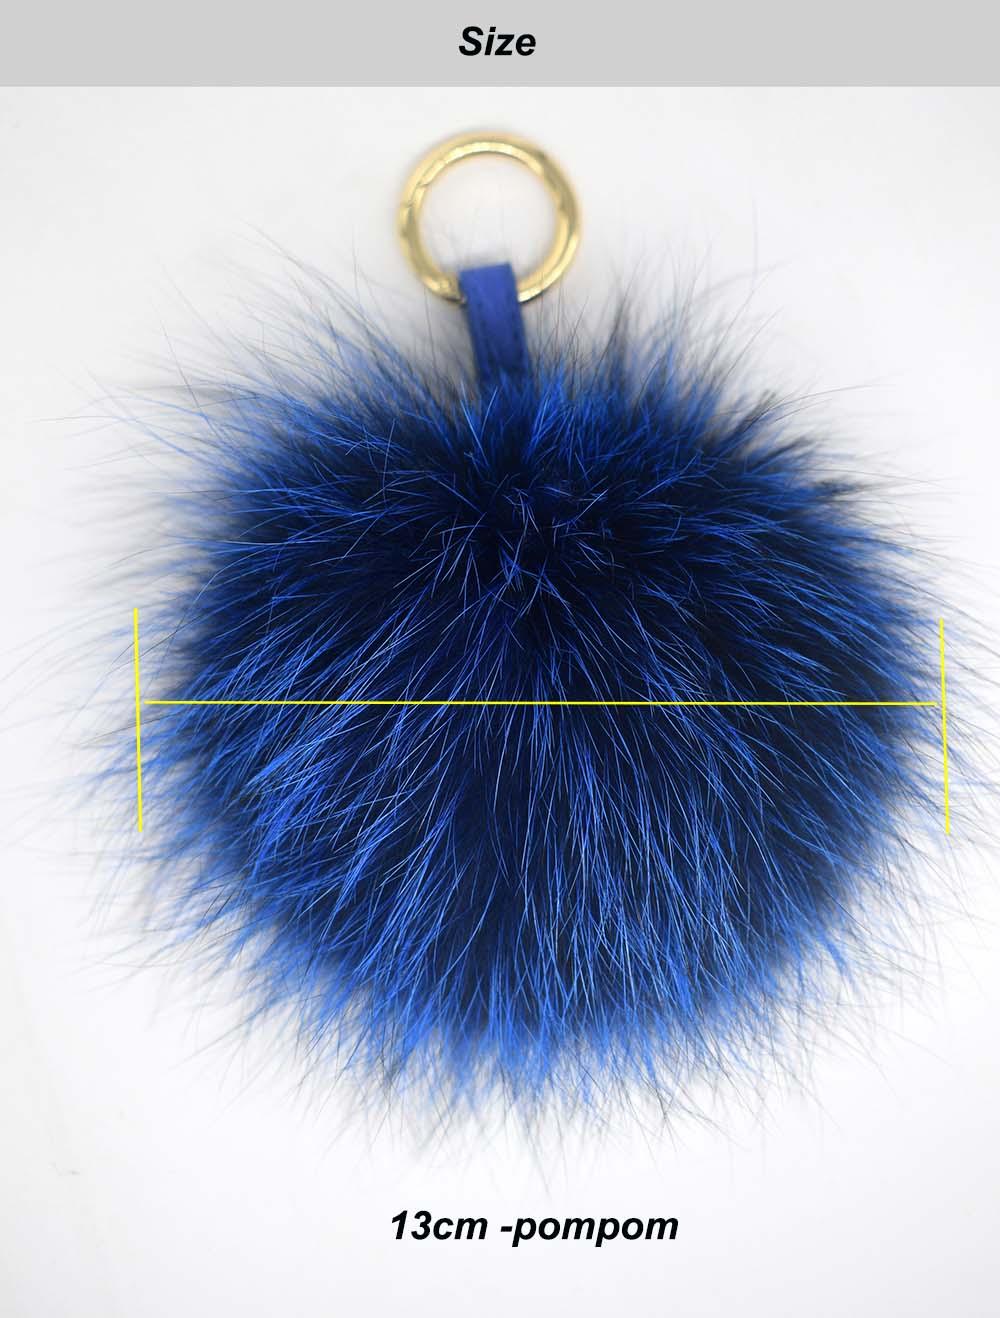 silver fox pompom keychain size